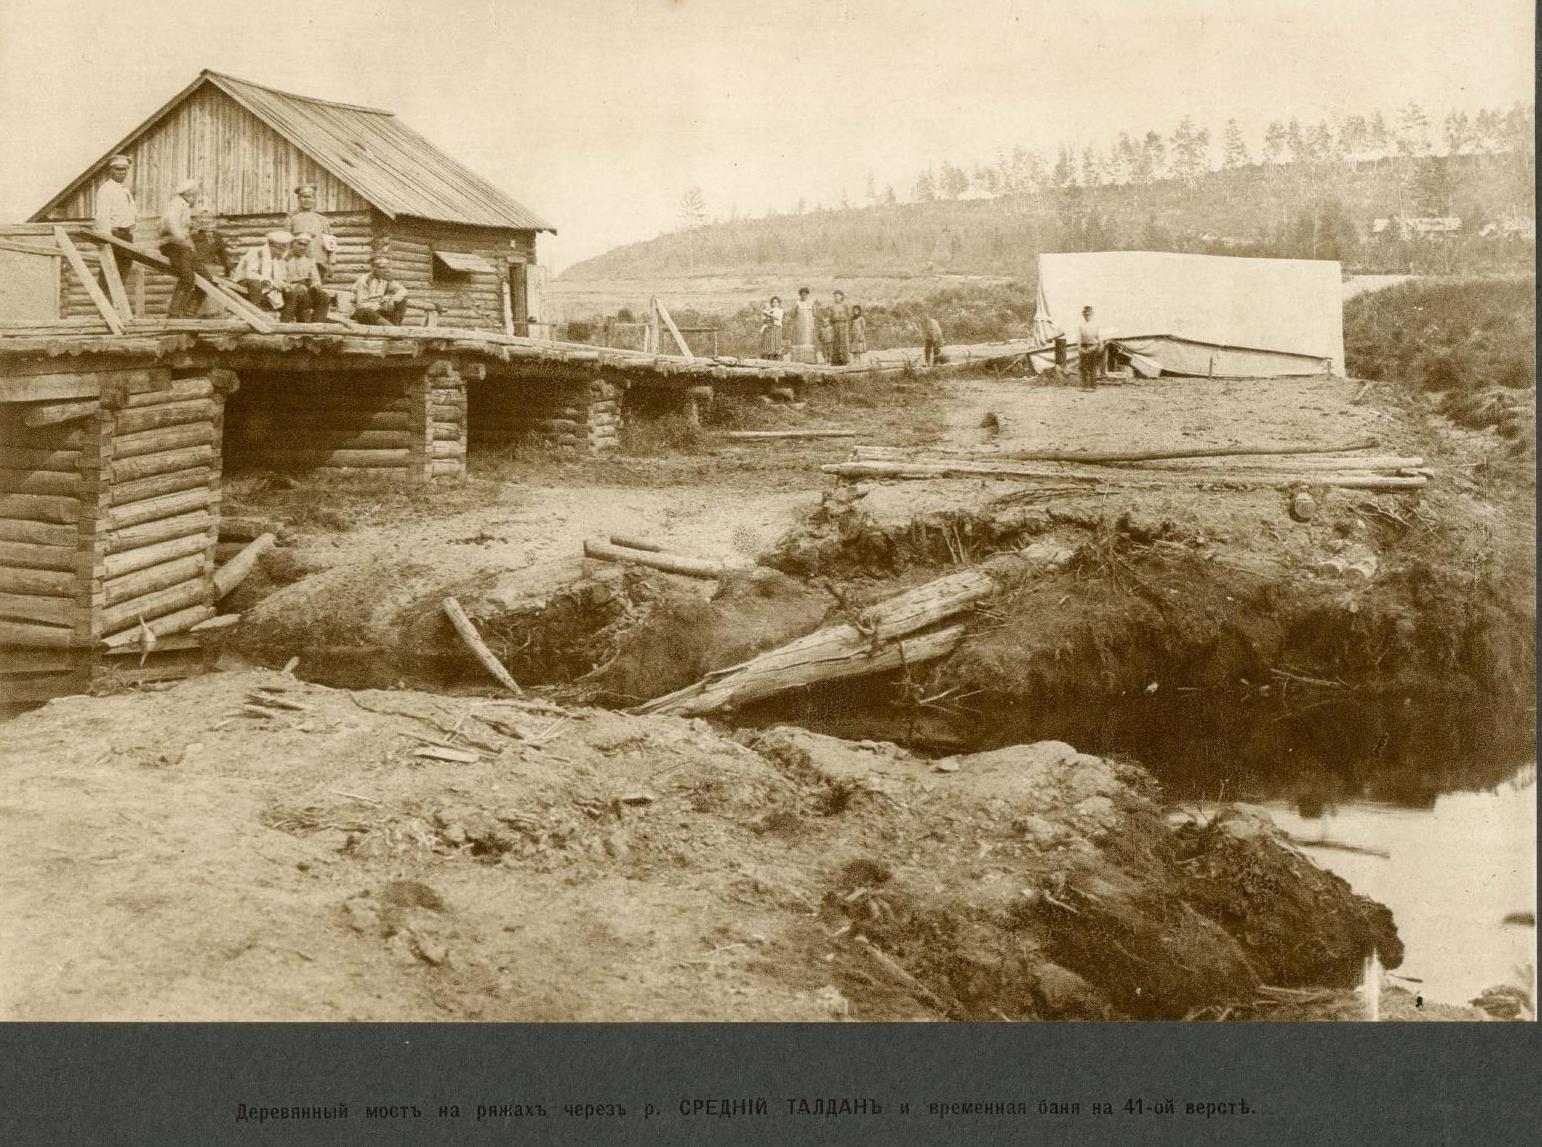 41 верста. Деревянный мост на ряжах через реку Средний Талдан и временная баня